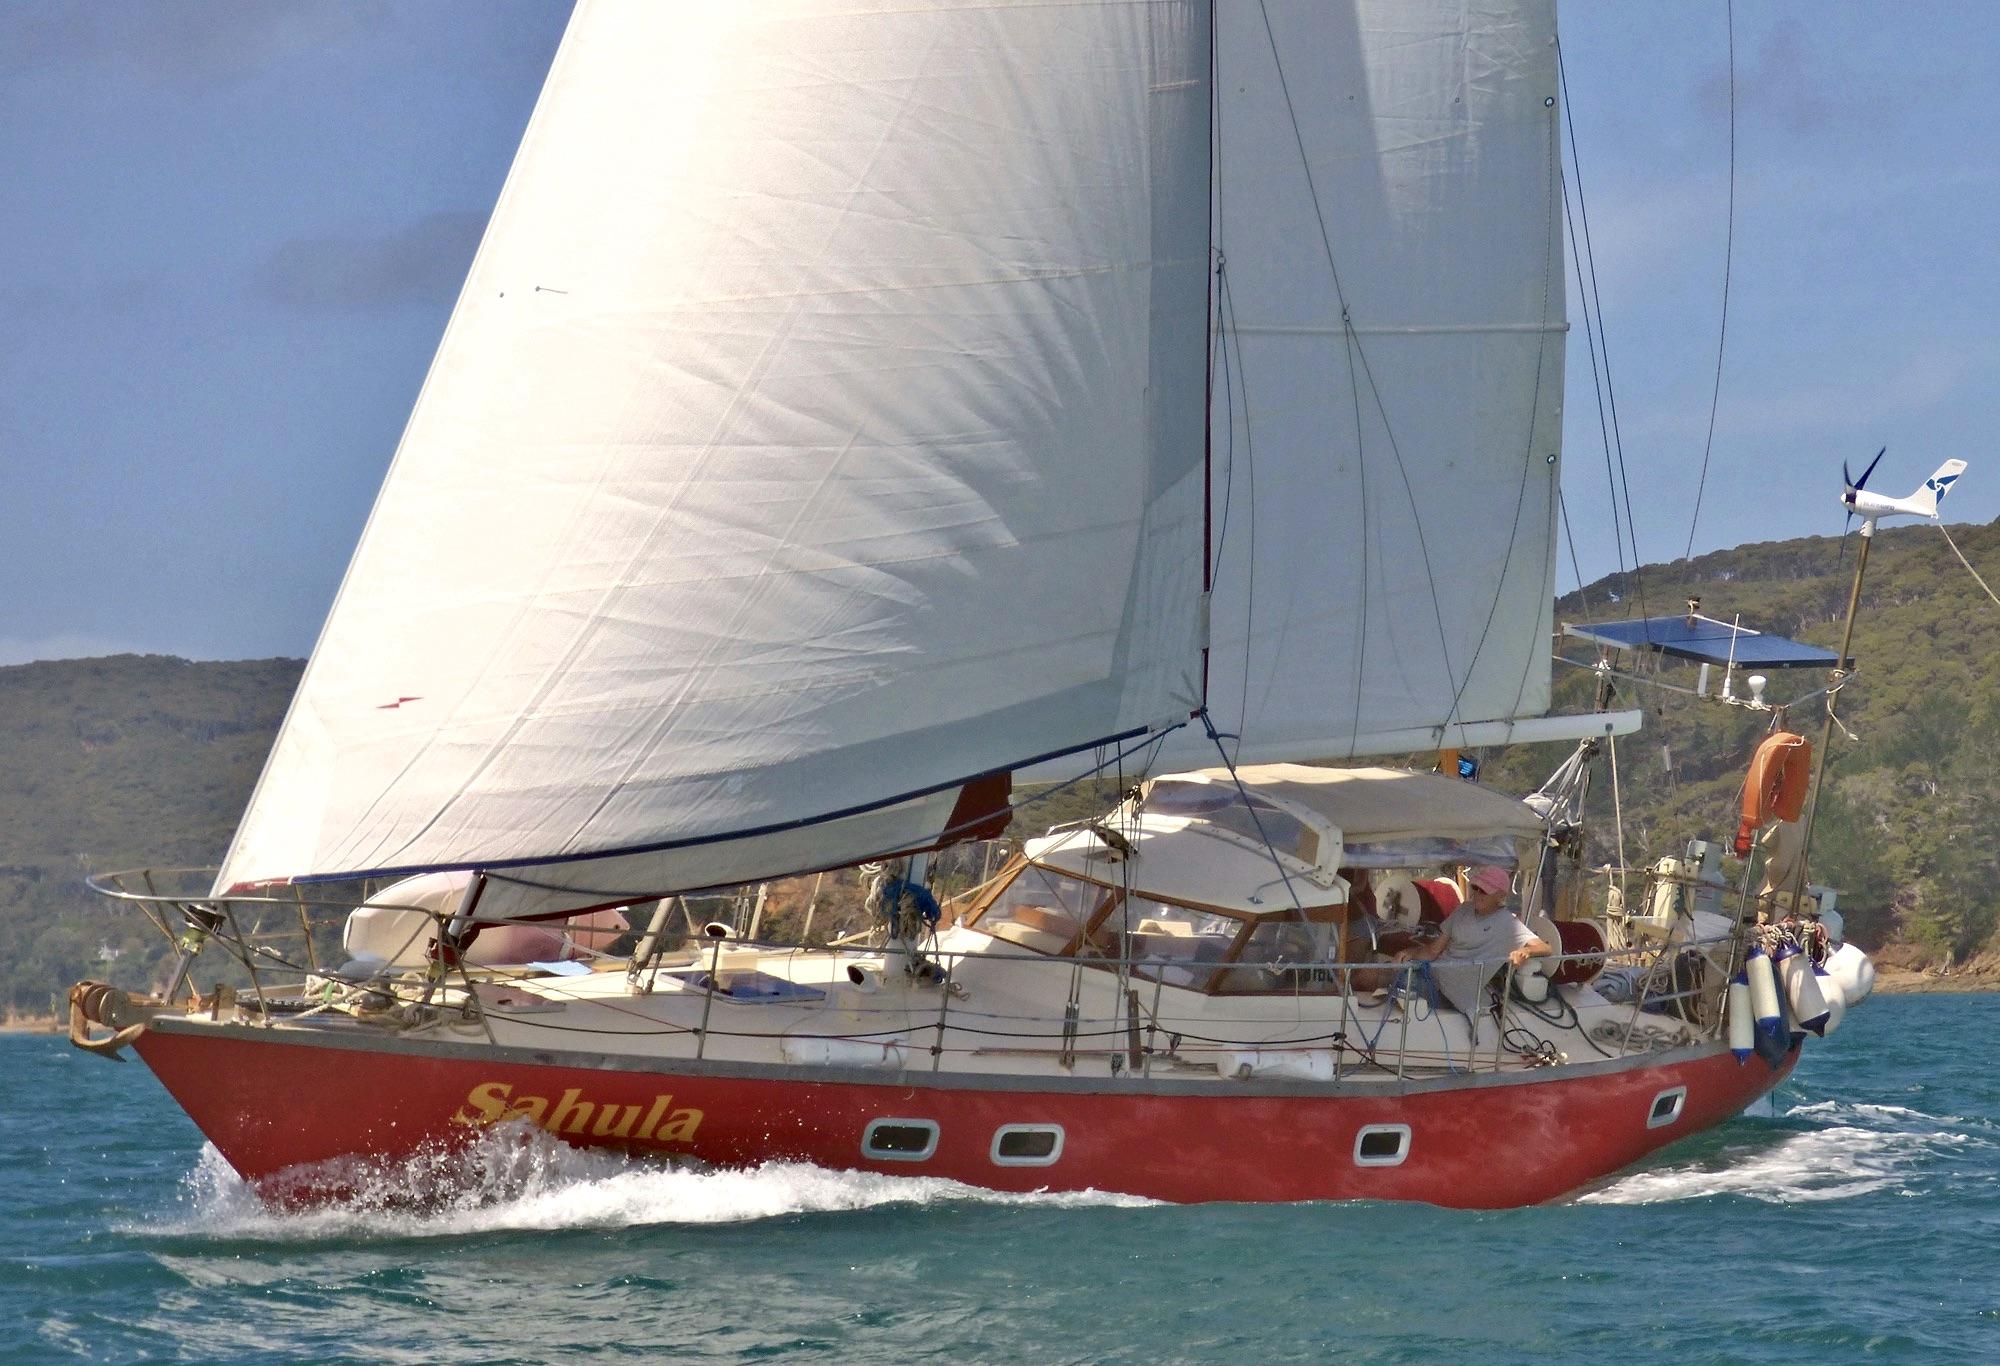 Sahula under sail